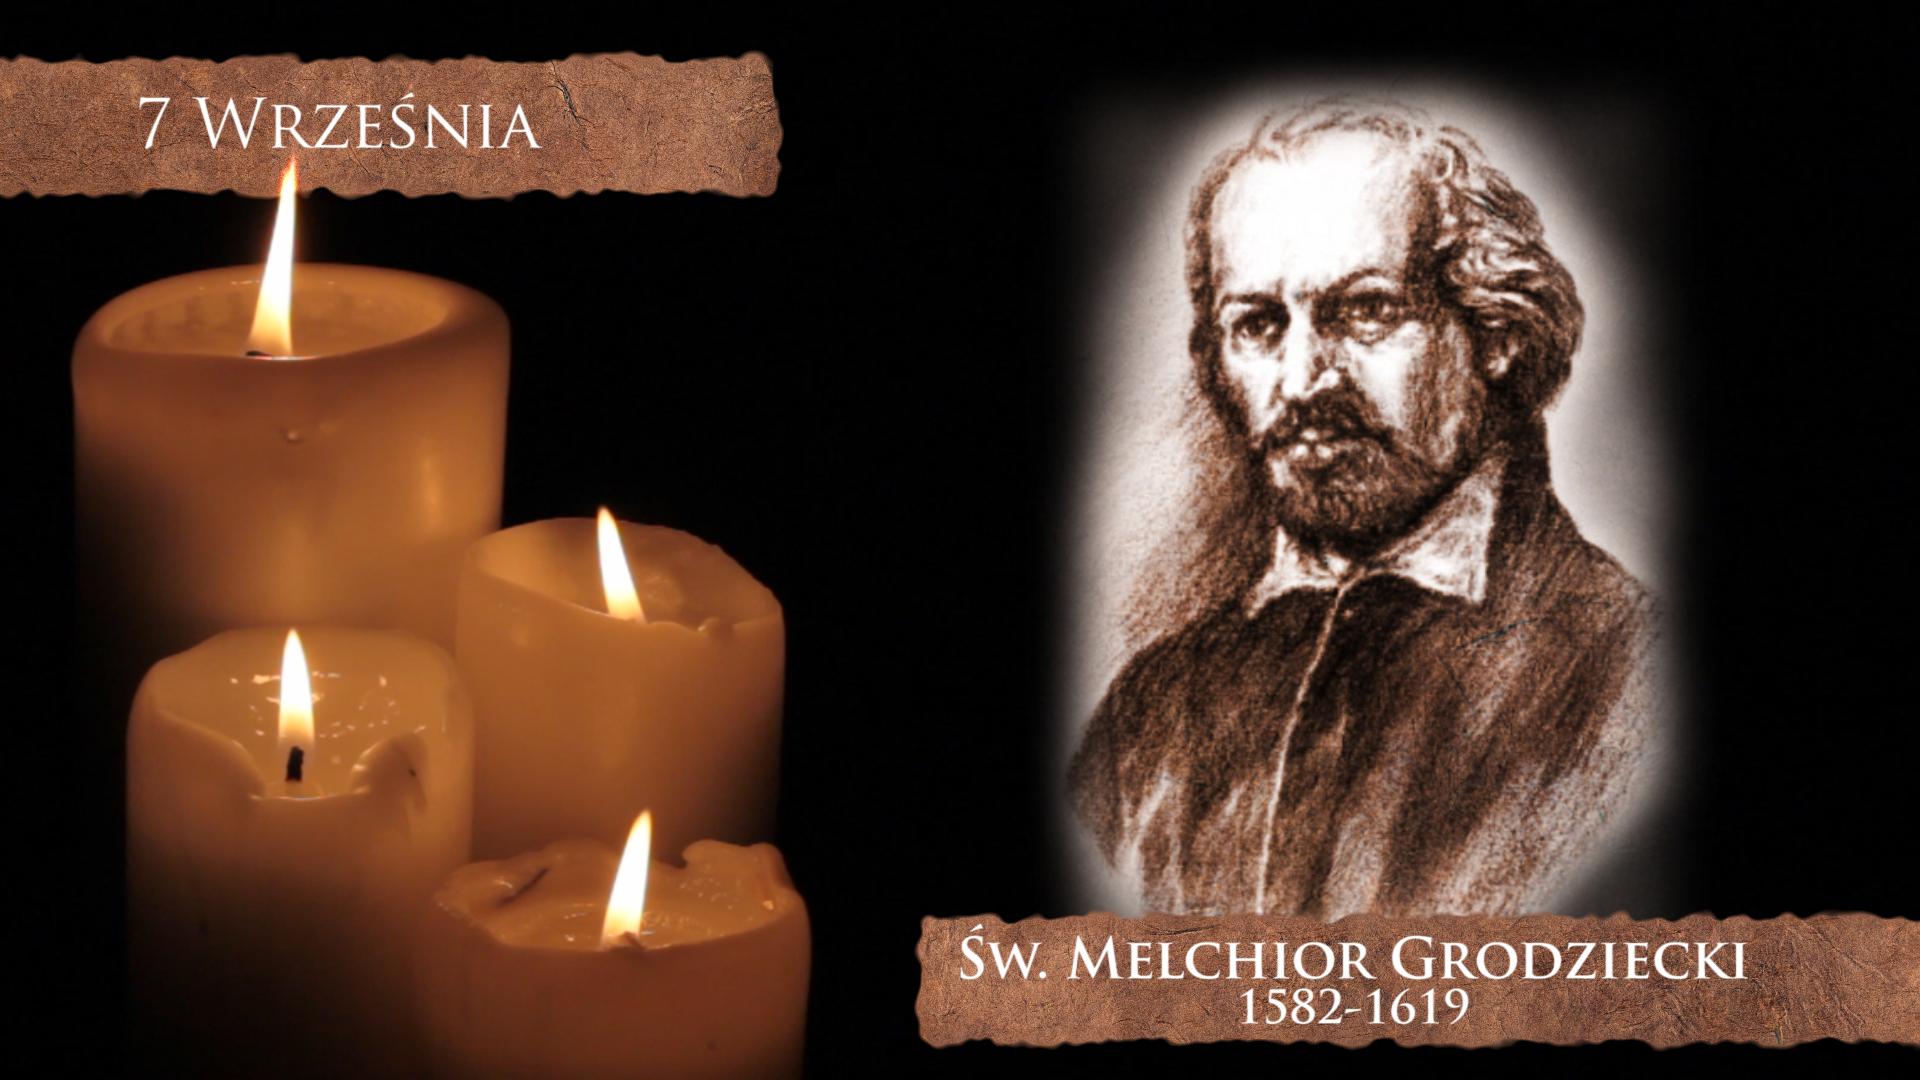 Św. Melchior Grodziecki, męczennik z Koszyc